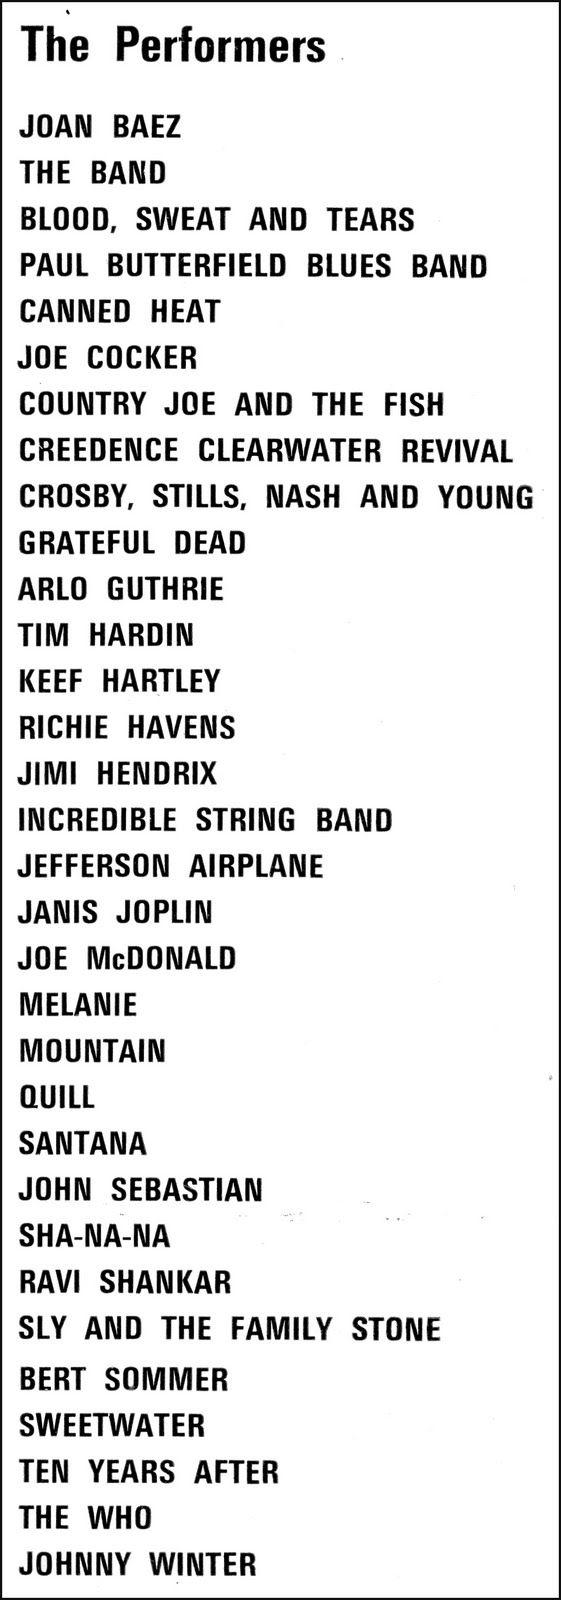 vintage everyday: Woodstock - August 15-18, 1969 / the performers